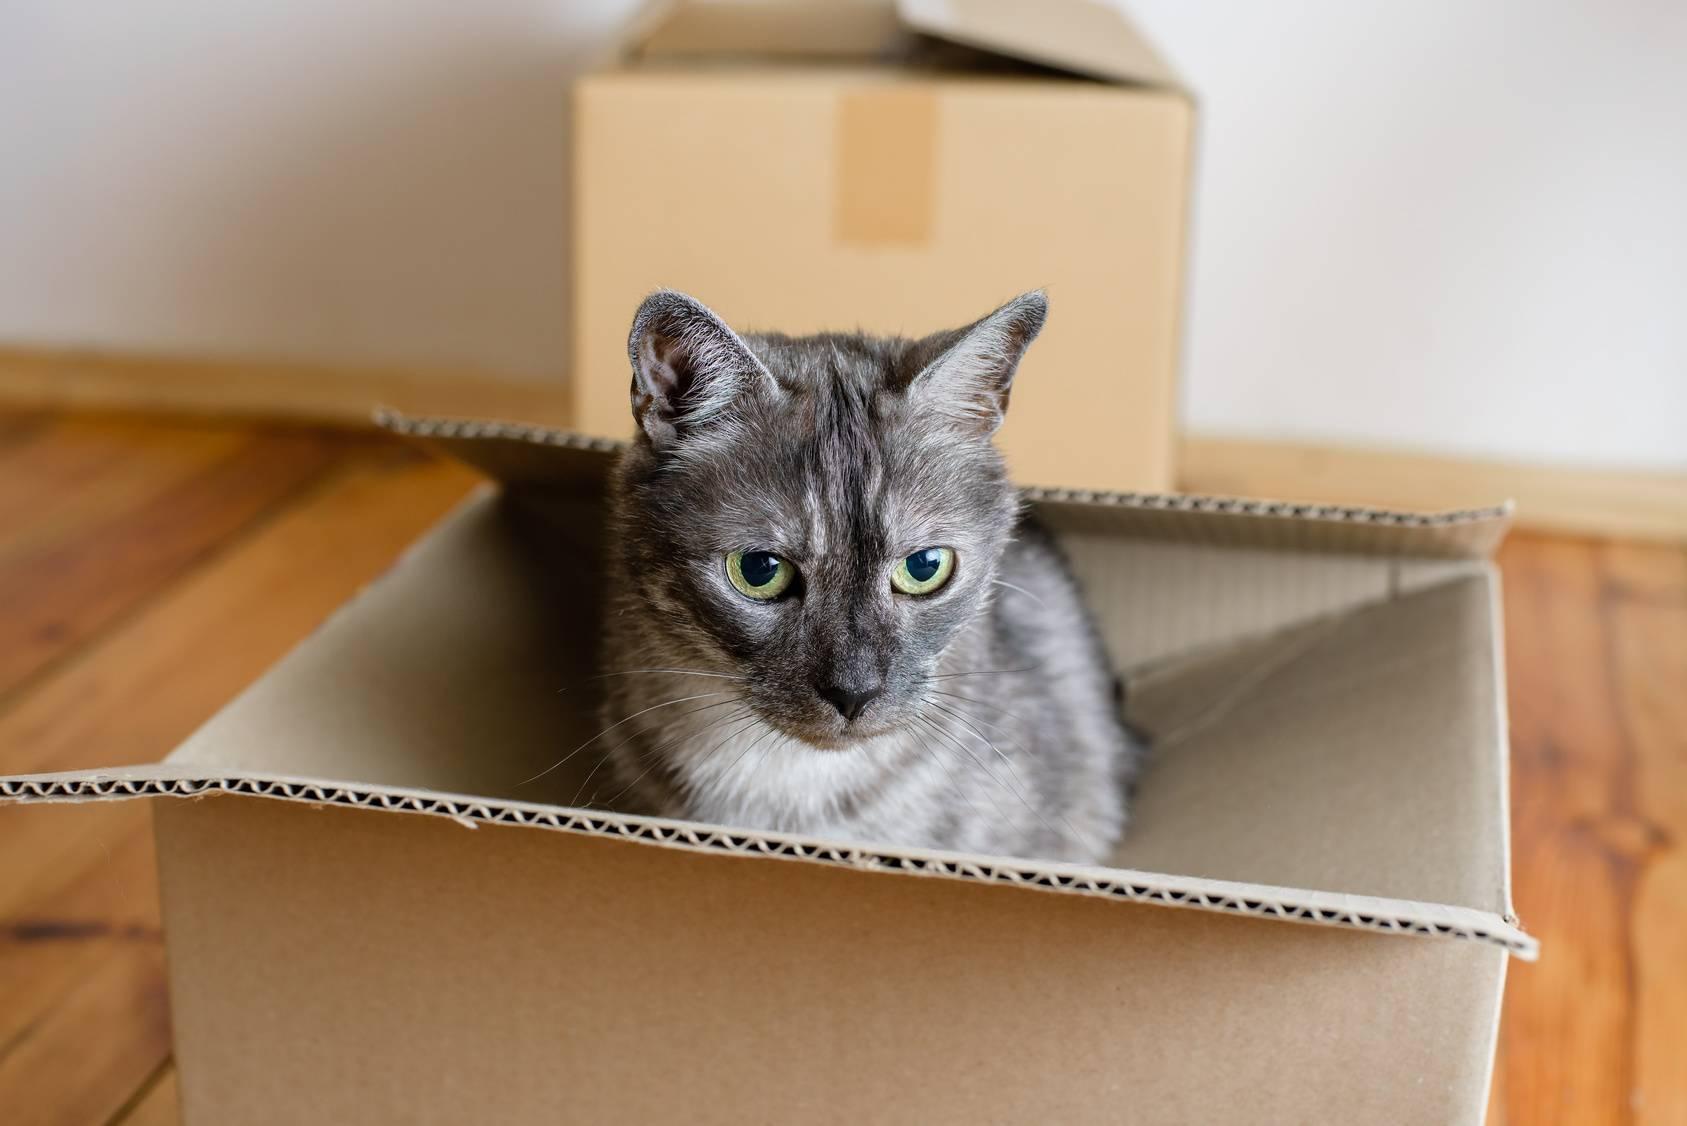 Взрослая кошка в новом доме – как помочь с адаптацией? приучение кошки к новому дому привыкание кошек к новым хозяевам